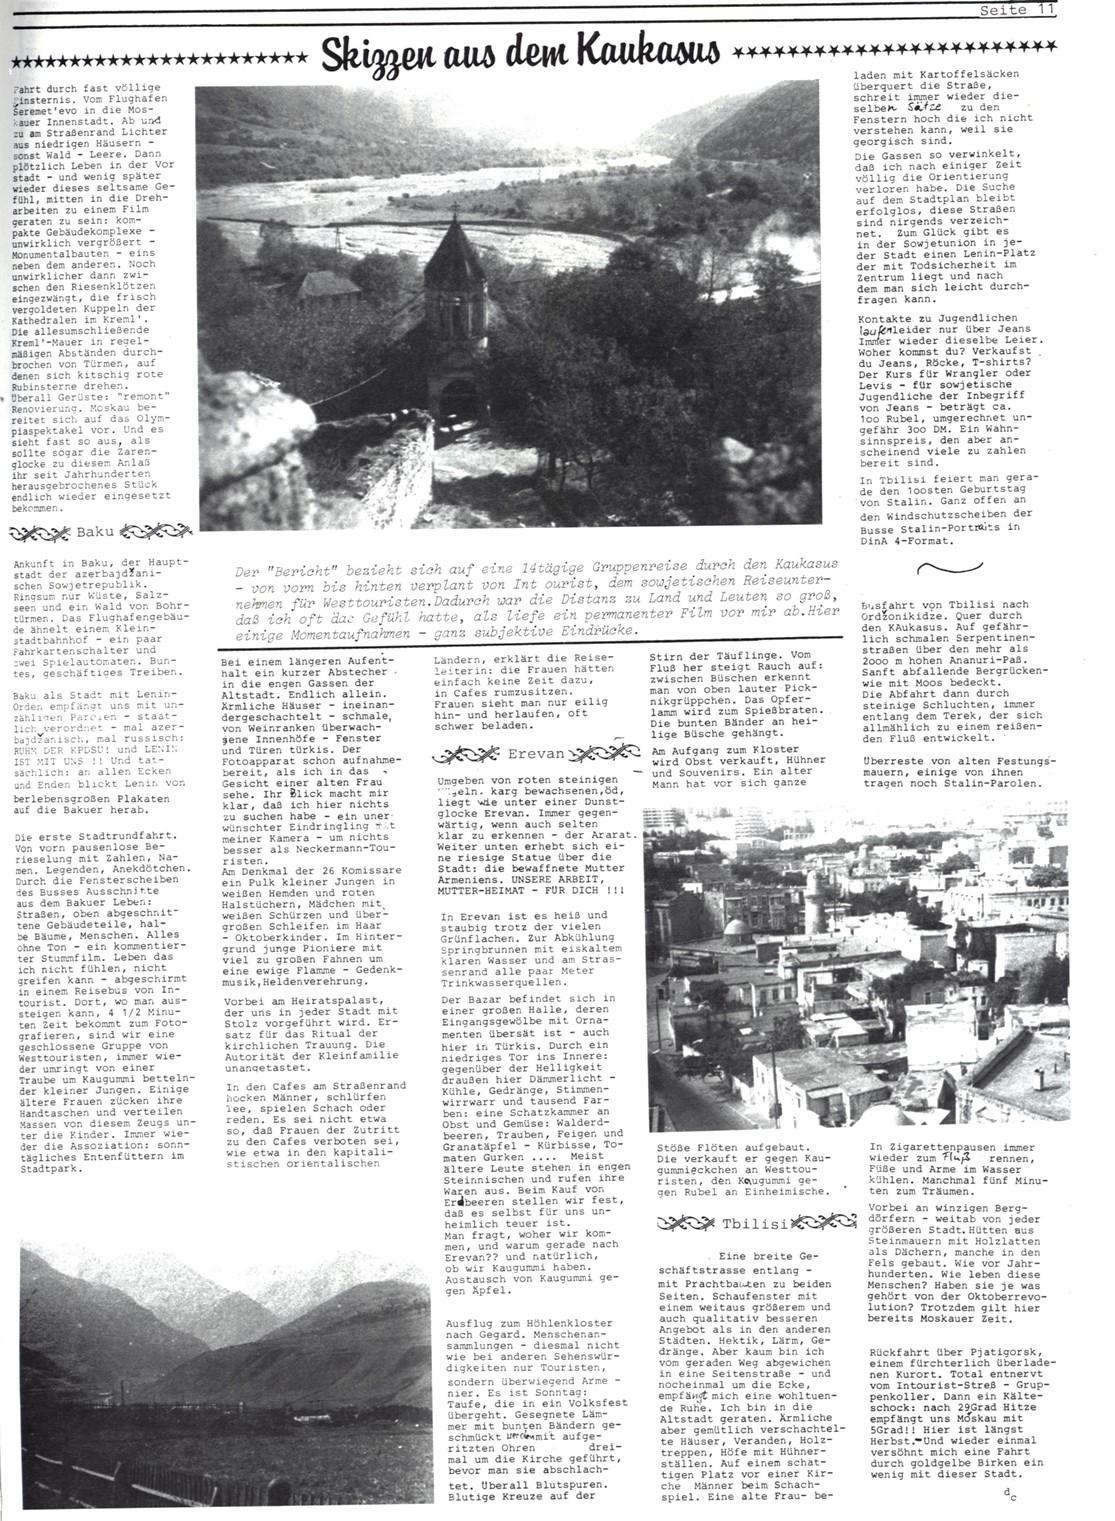 Bonner_Volksblatt_29_19791031_11